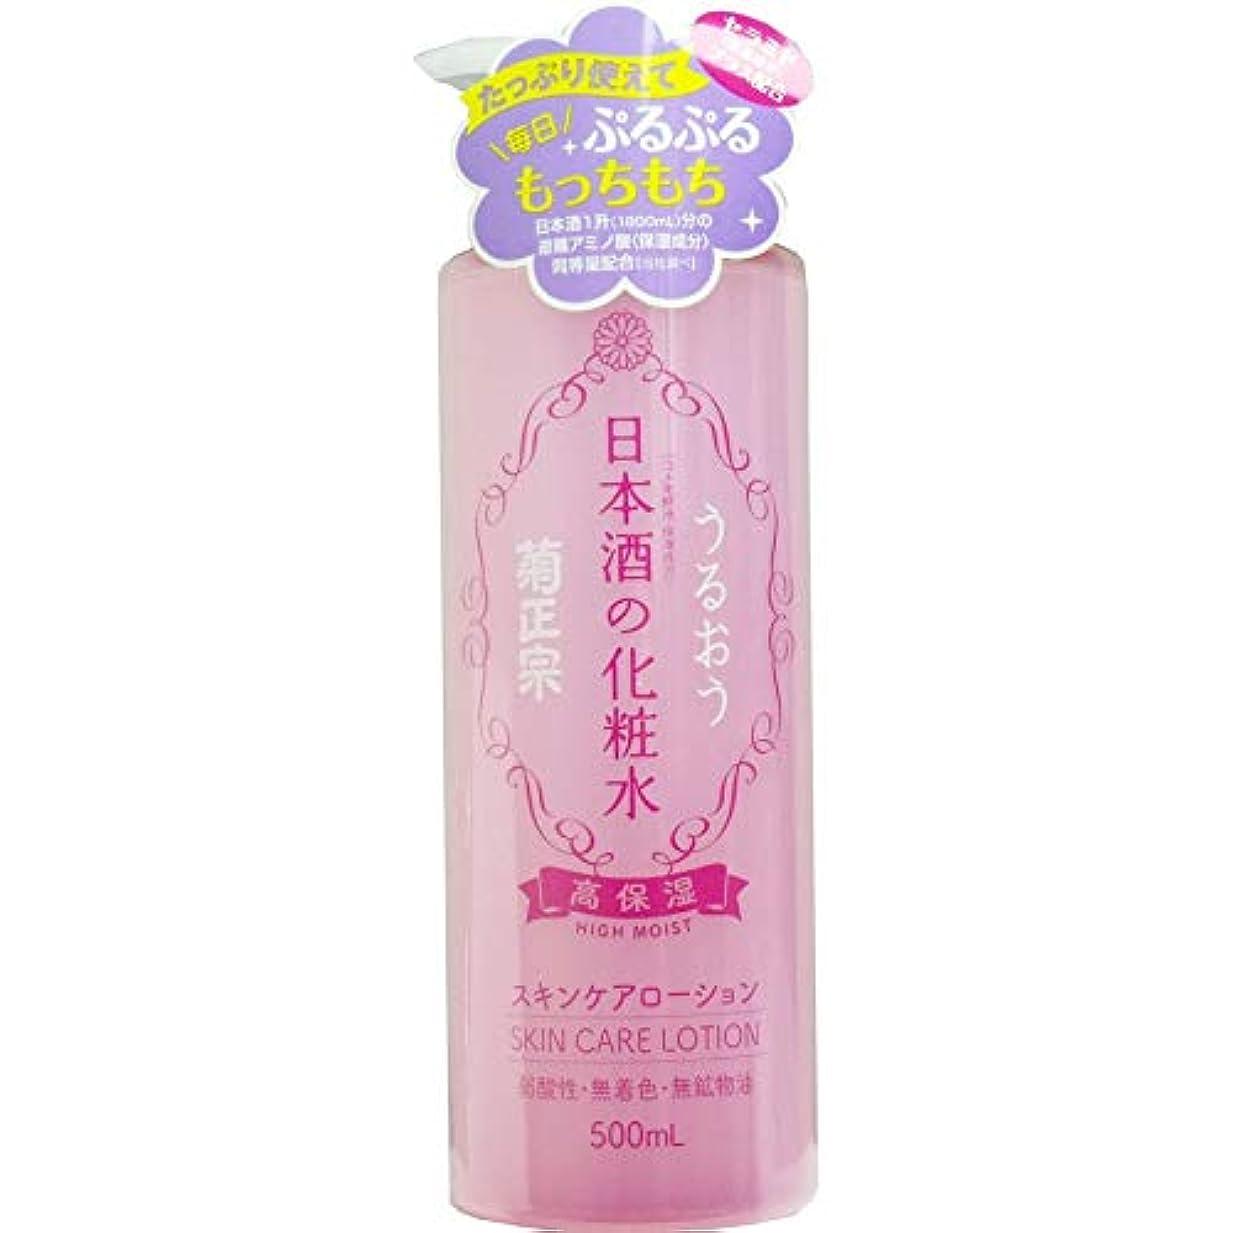 ショルダー磨かれた不名誉な日本酒の化粧水 菊政宗 化粧水 500ml×2本セット